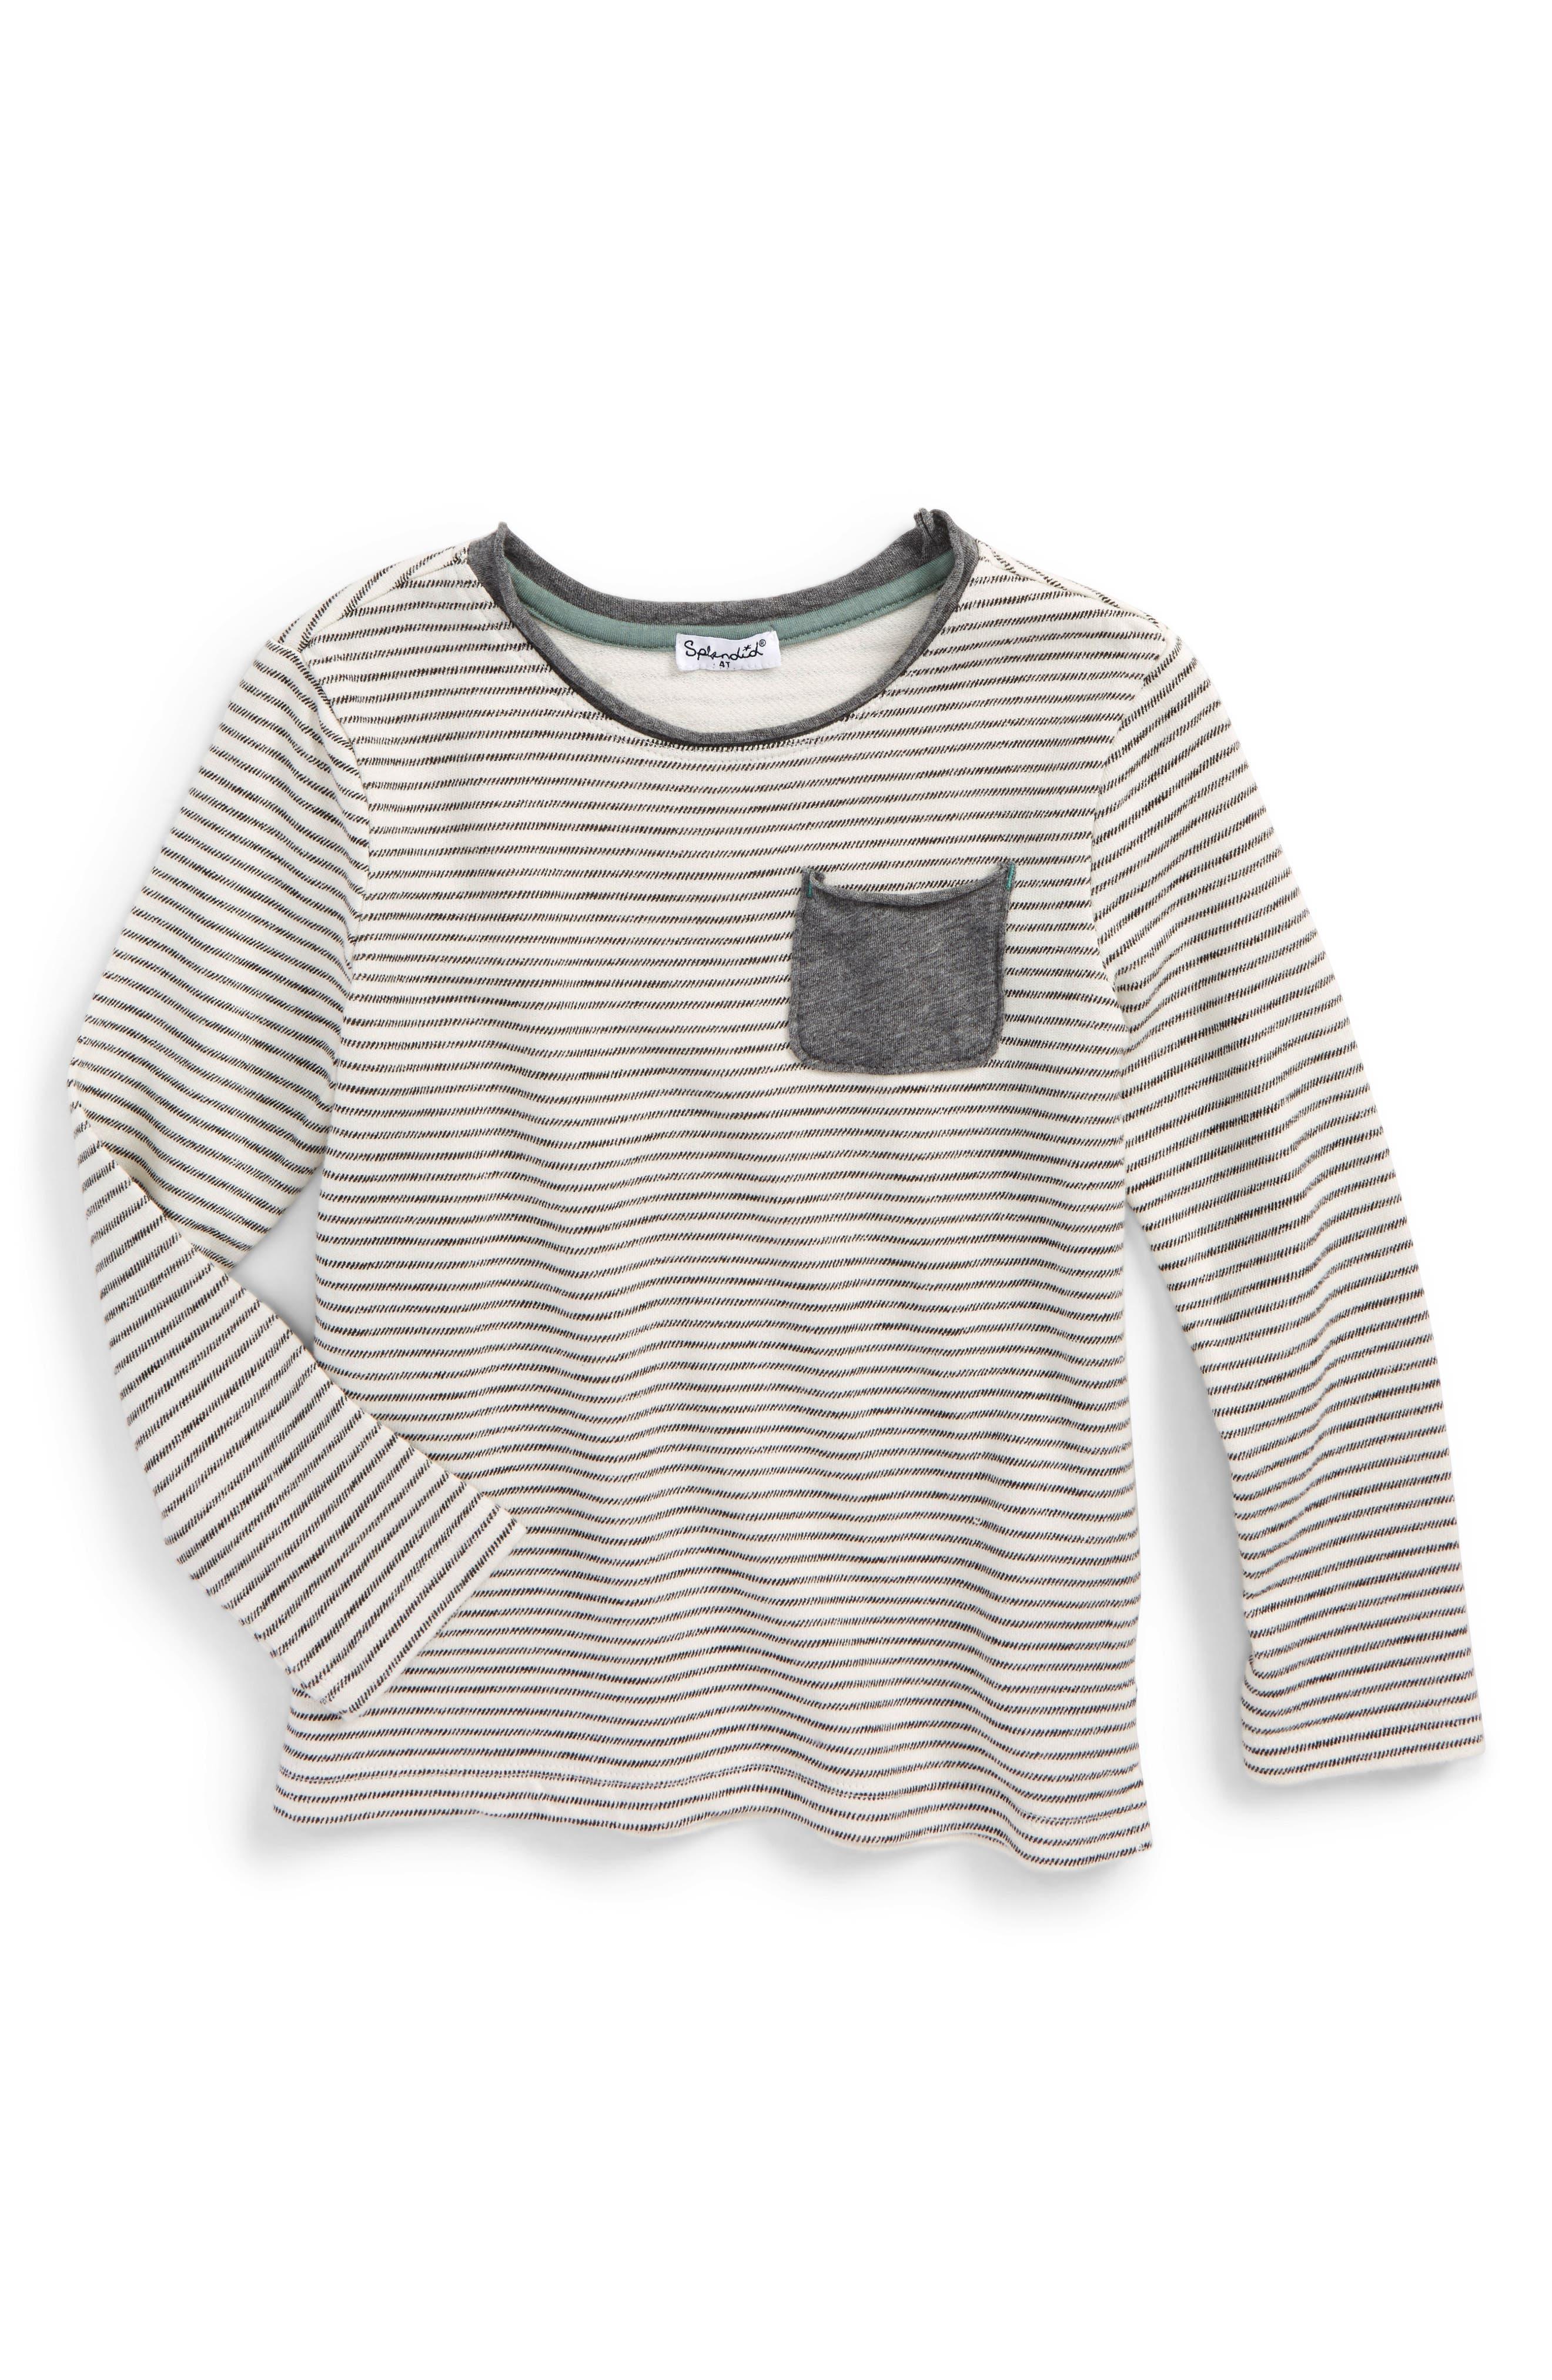 Alternate Image 1 Selected - Splendid Stripe French Terry Sweatshirt (Toddler Boys & Little Boys)